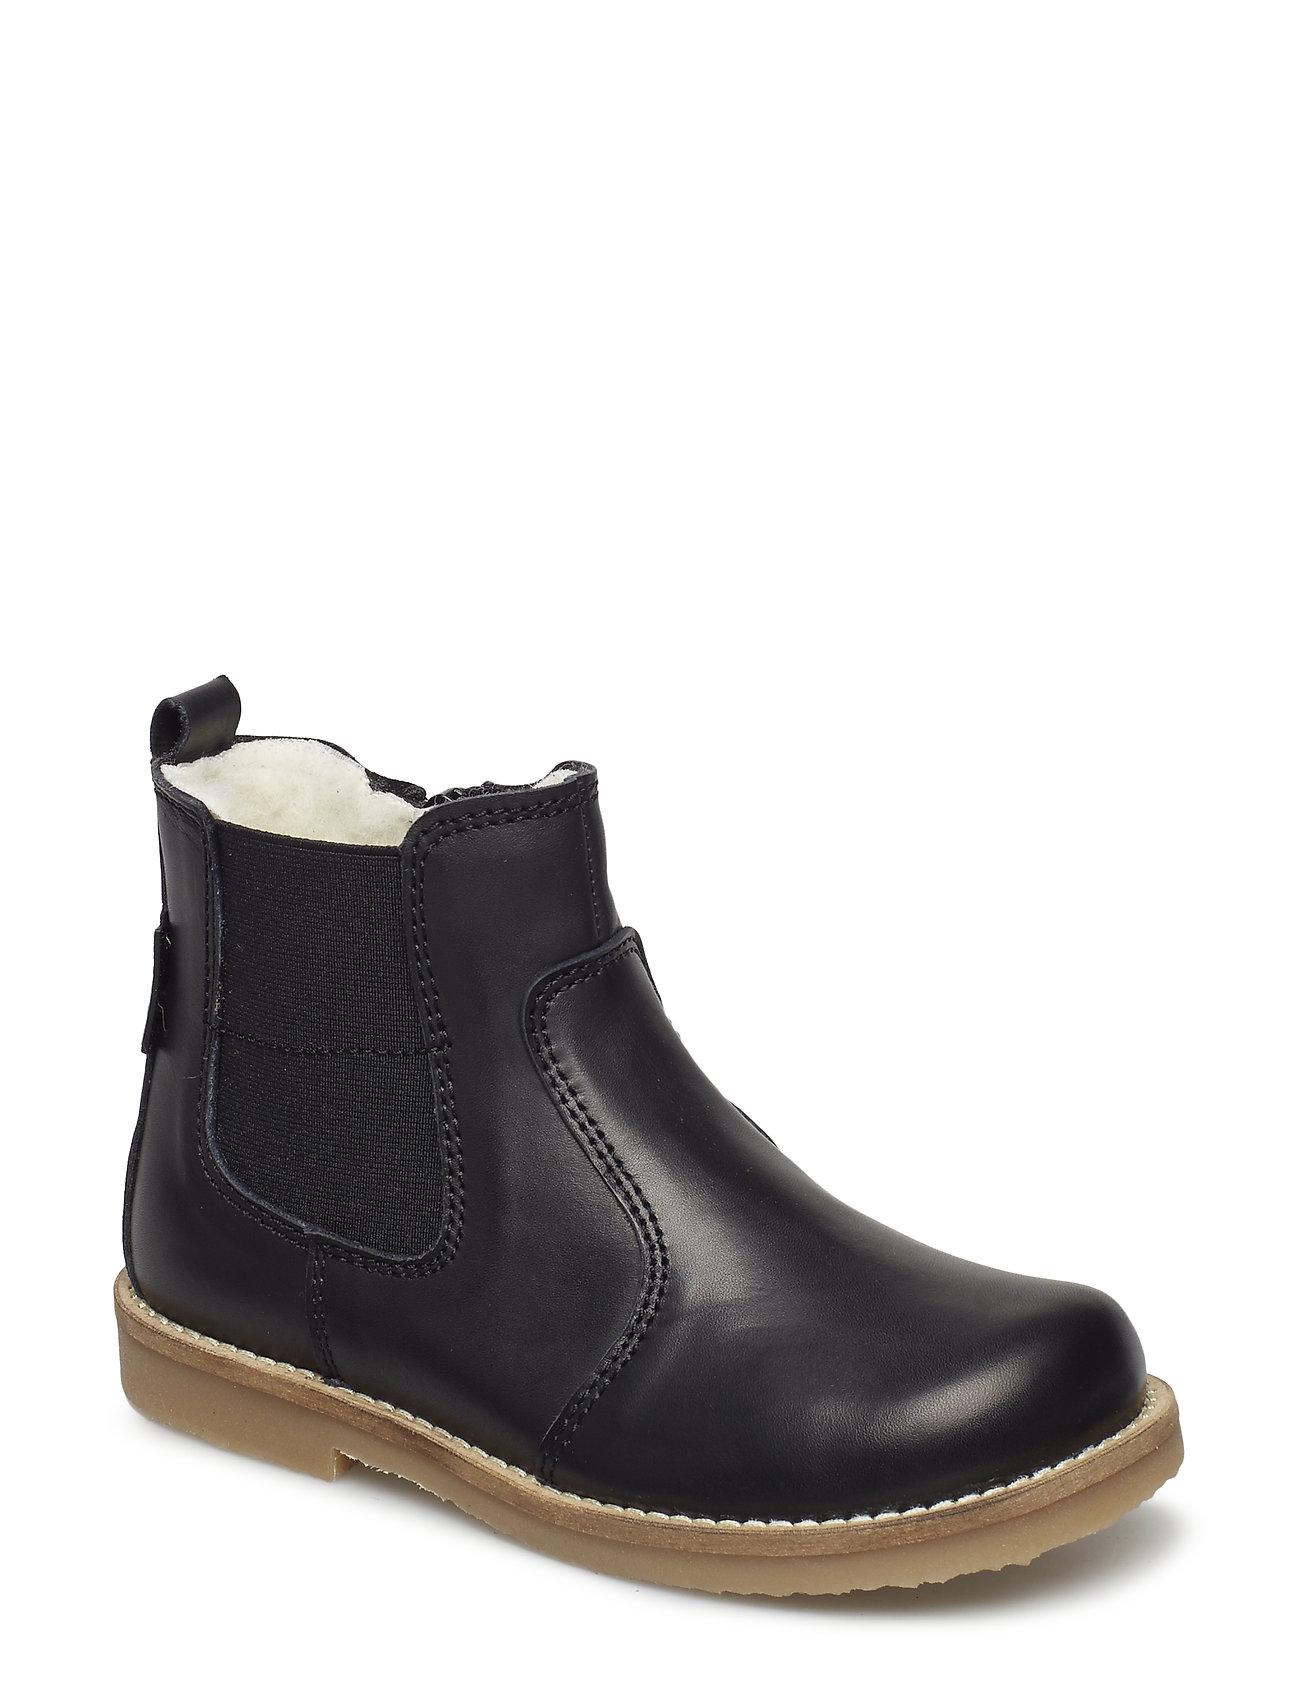 2a7807e97d0a Caja støvler fra Bundgaard til børn i BLACK A - Pashion.dk